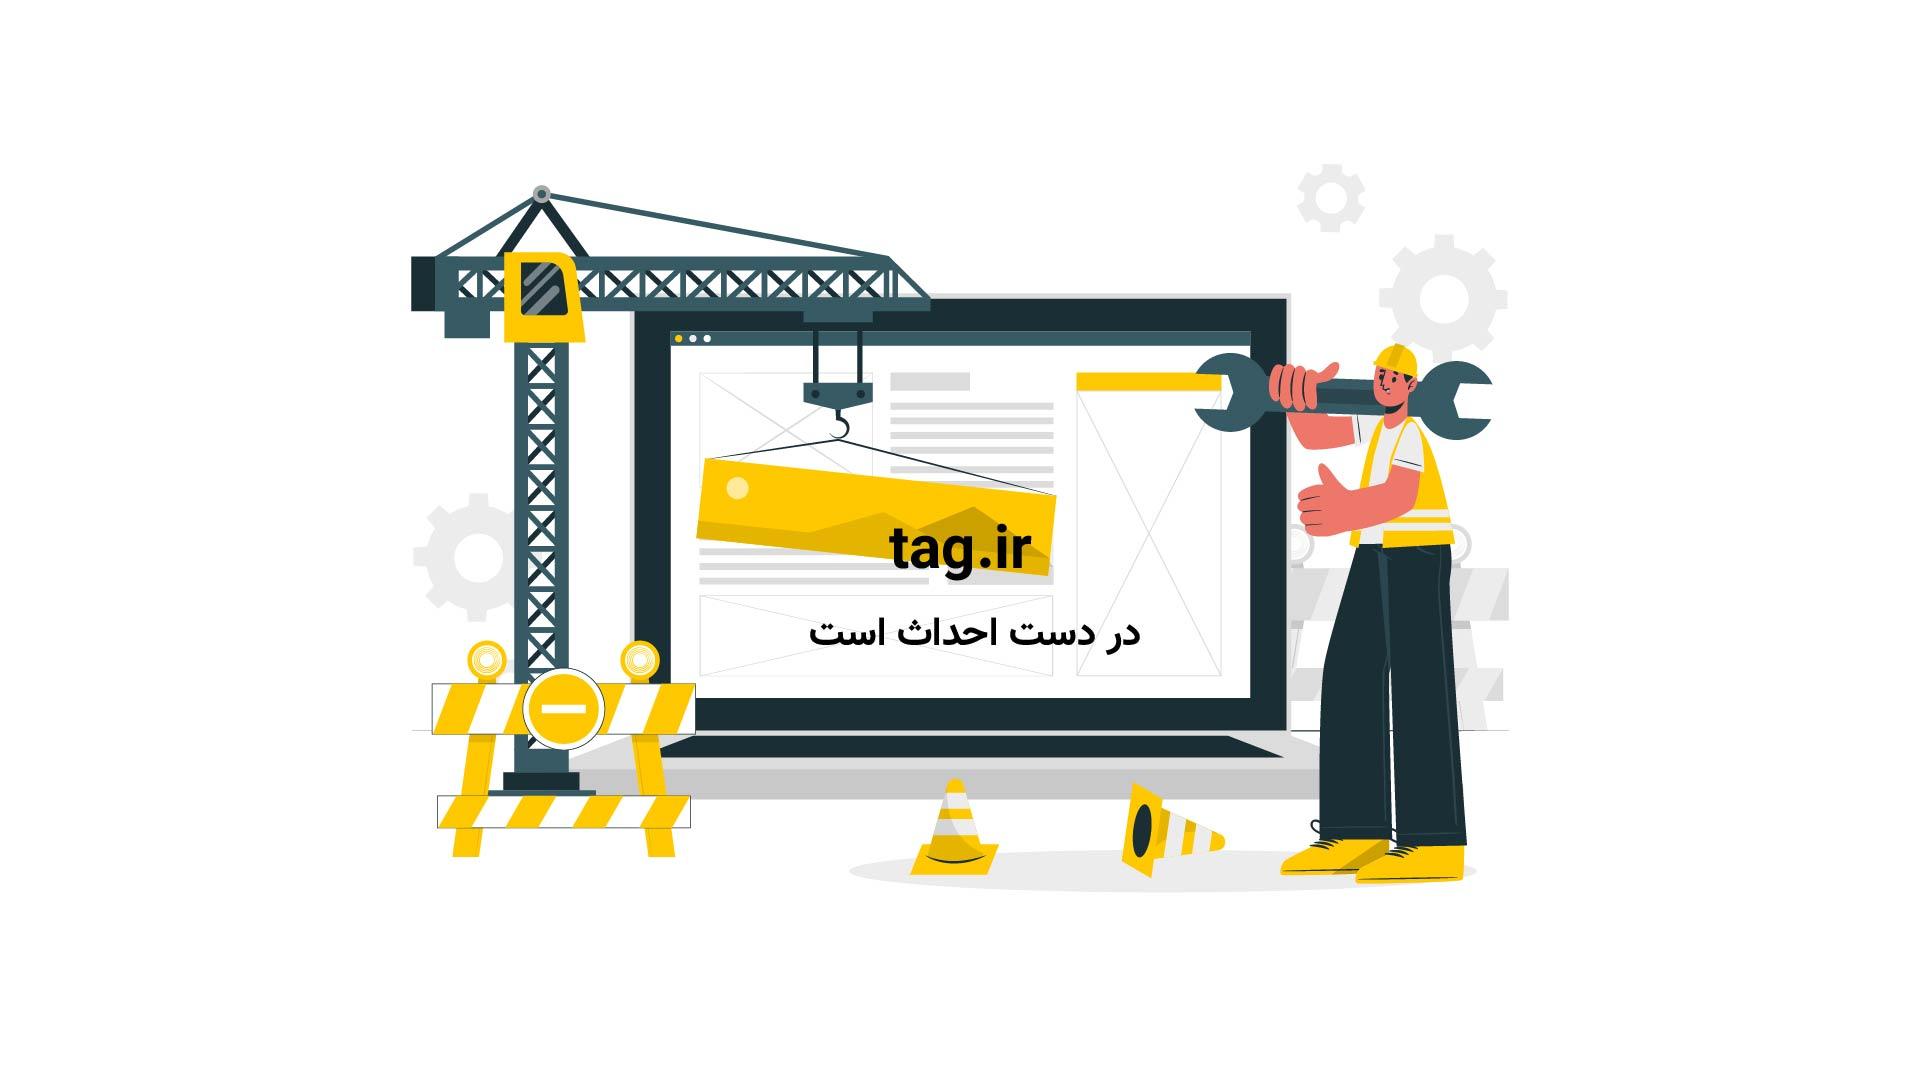 برخورد چهار گرگ با یک بز کوهی بدون هیچ عکس العملی | فیلم